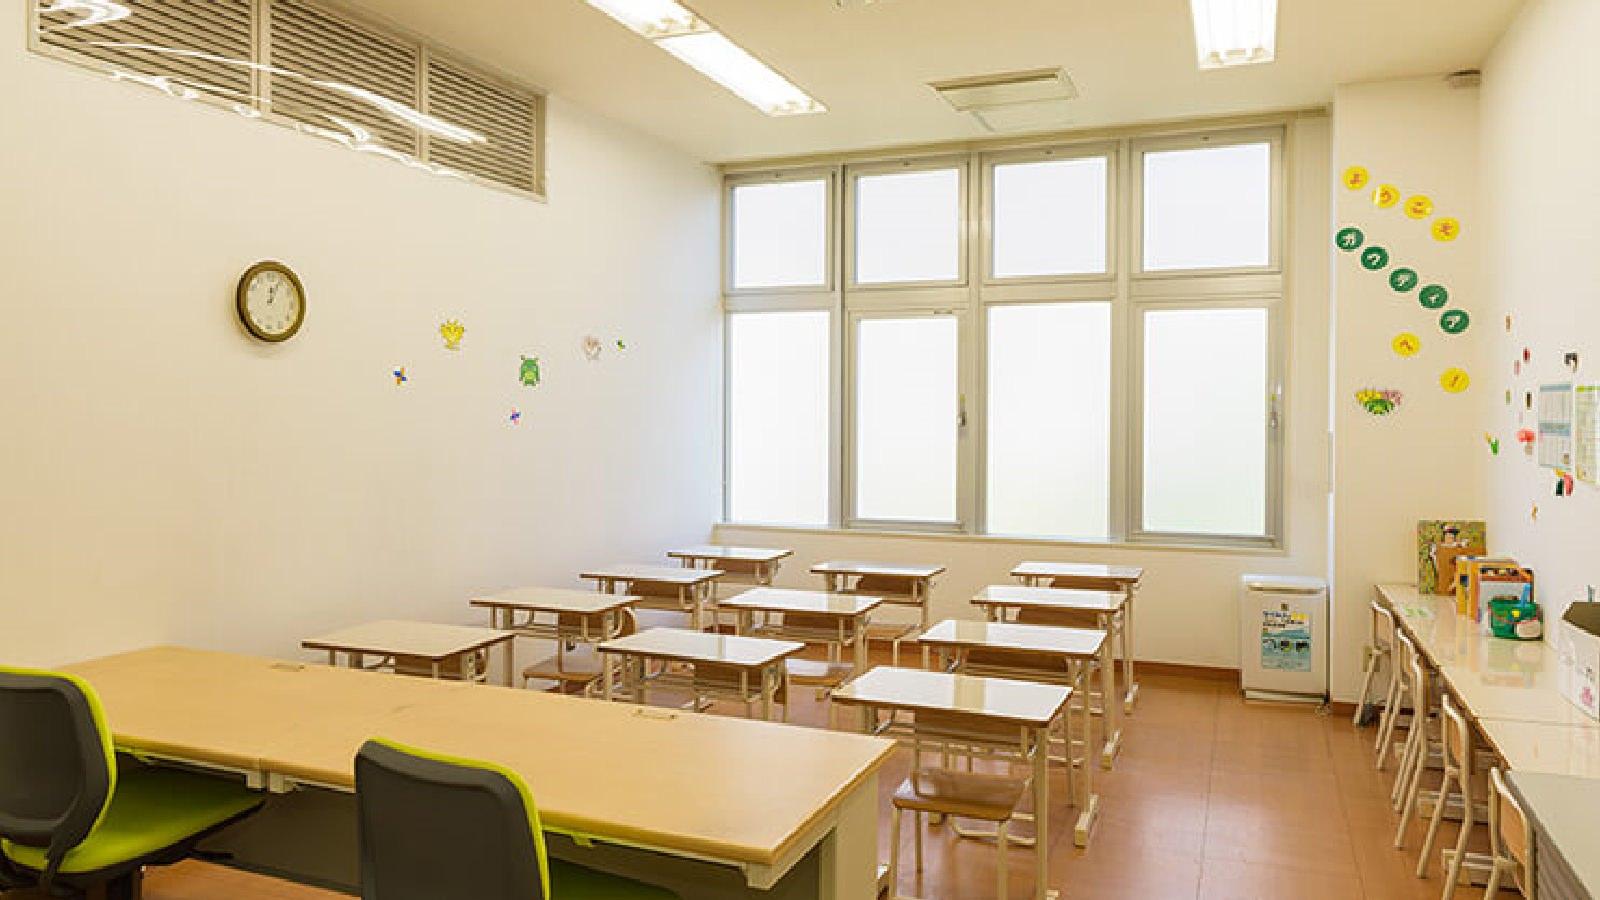 武蔵小金井店のプリント学習教室